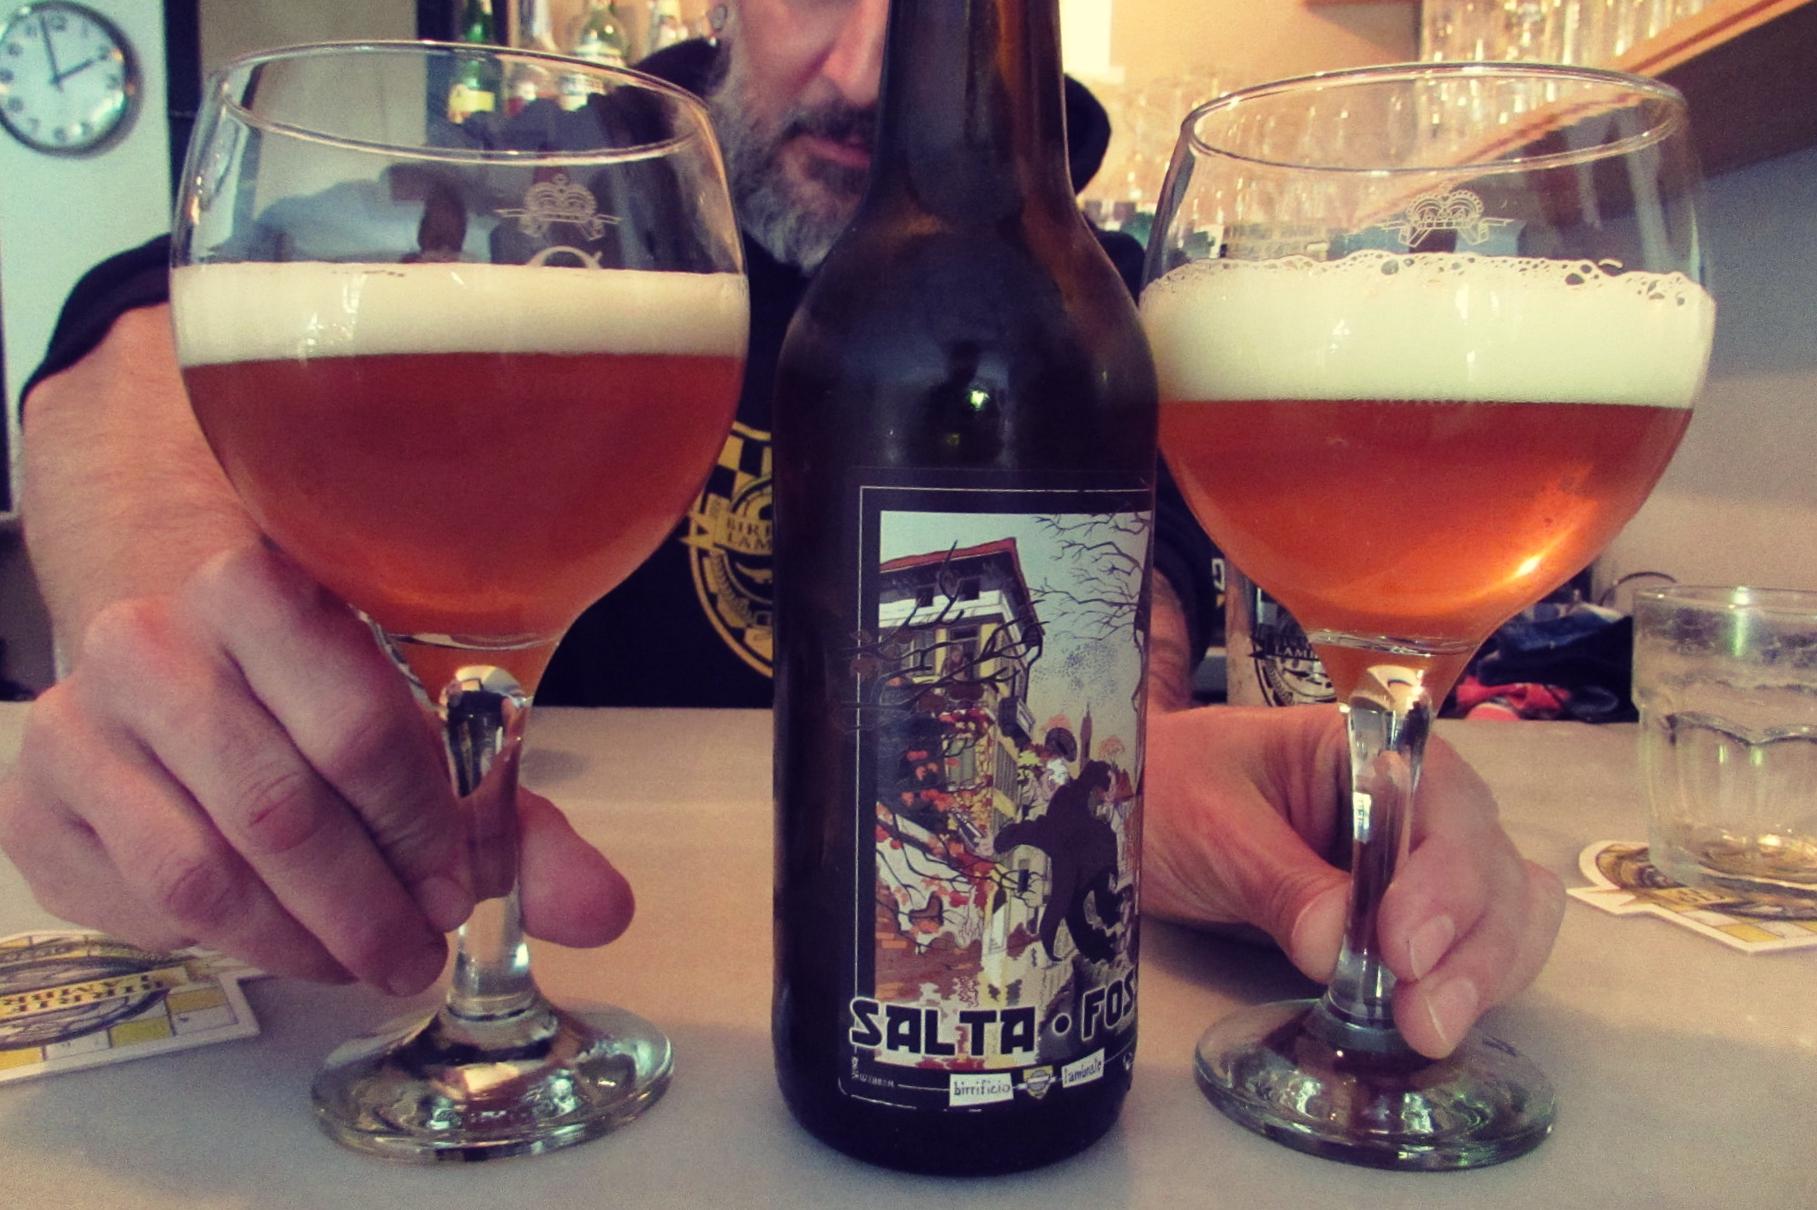 La Birreria Italian Craft Beer Bar in Valencia